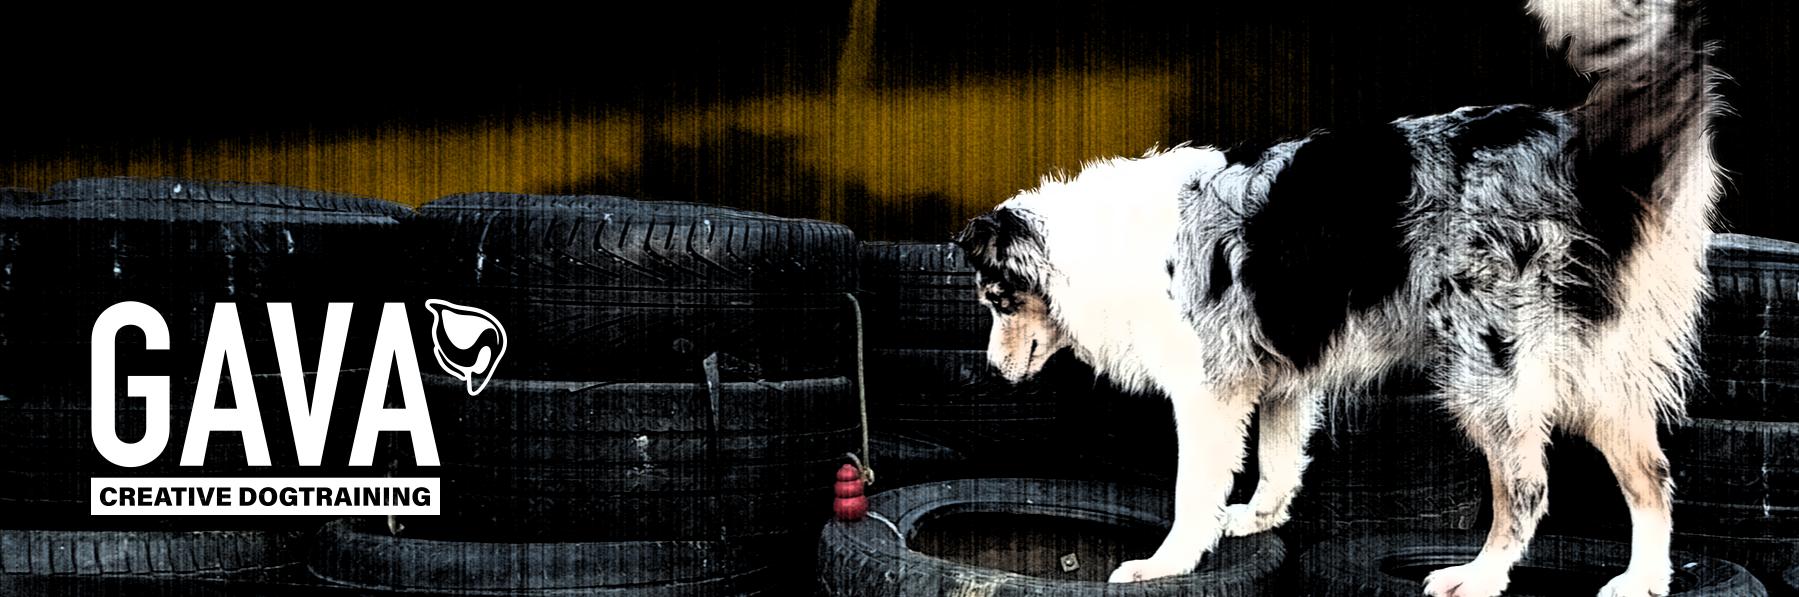 Gava Hund.